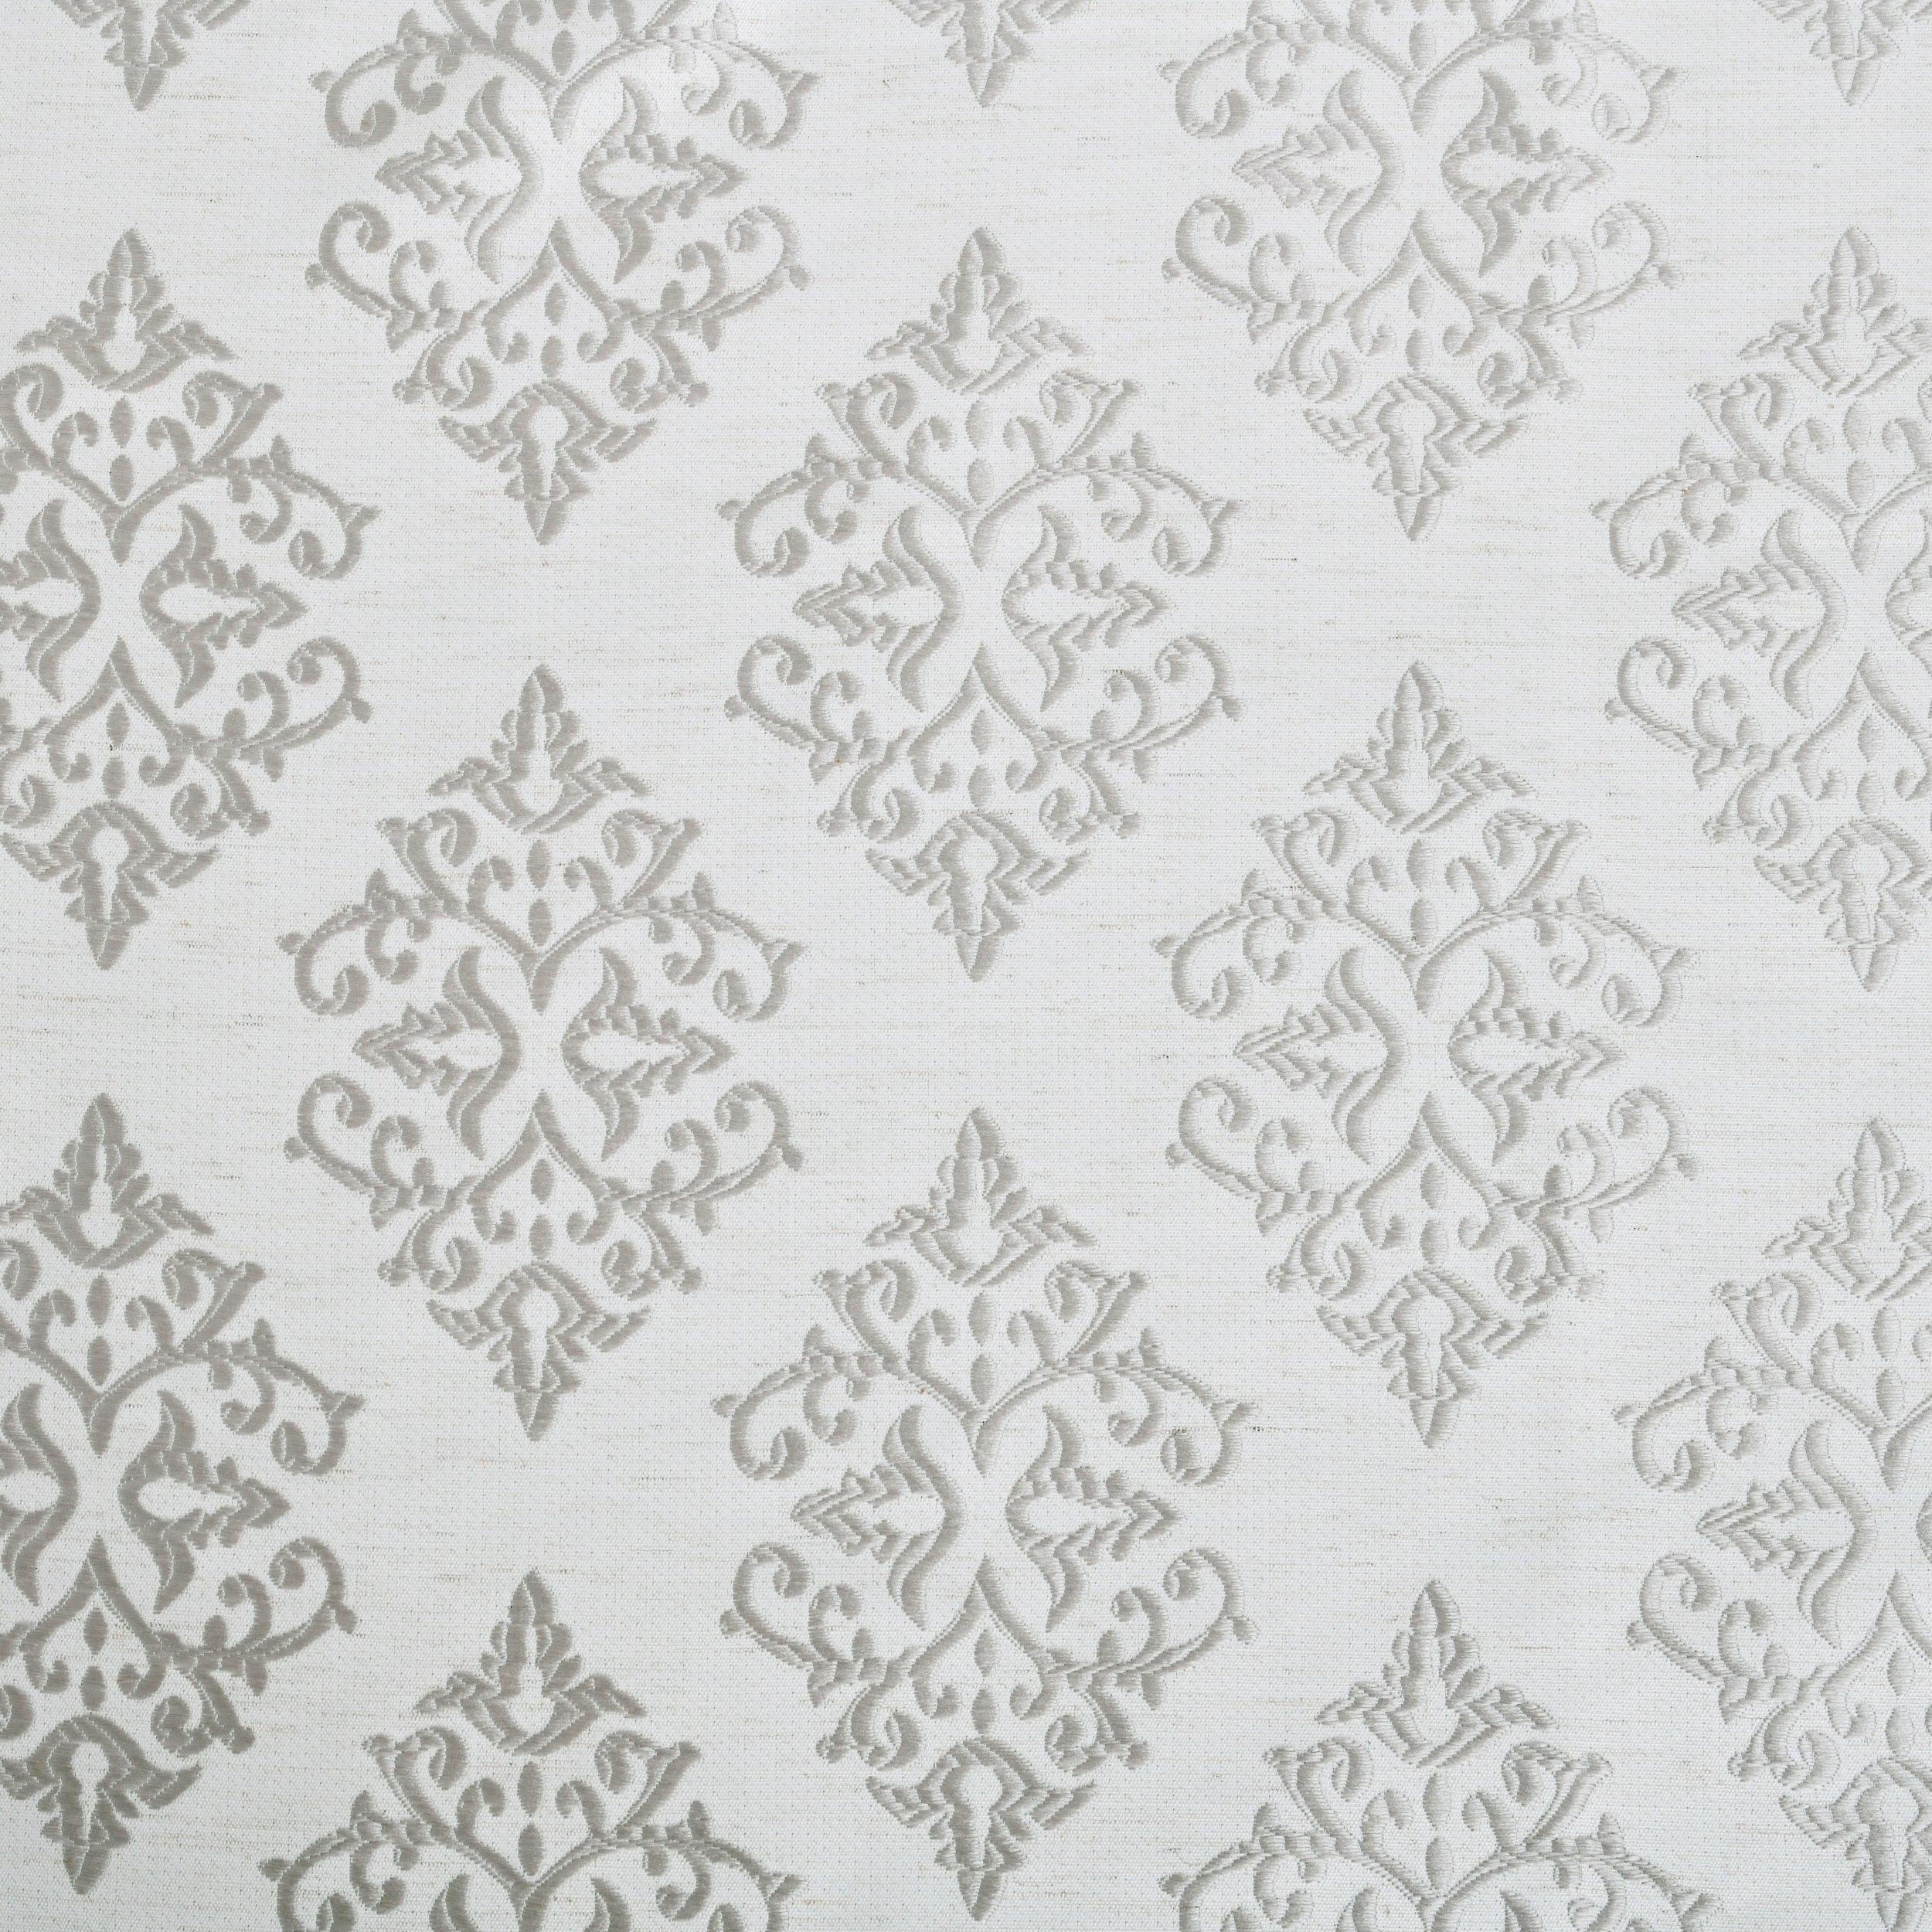 Miranda Haus Labrea Damask Jacquard Grommet Curtain Panel (set Of 2) Throughout Miranda Haus Labrea Damask Jacquard Grommet Curtain Panels (View 7 of 20)